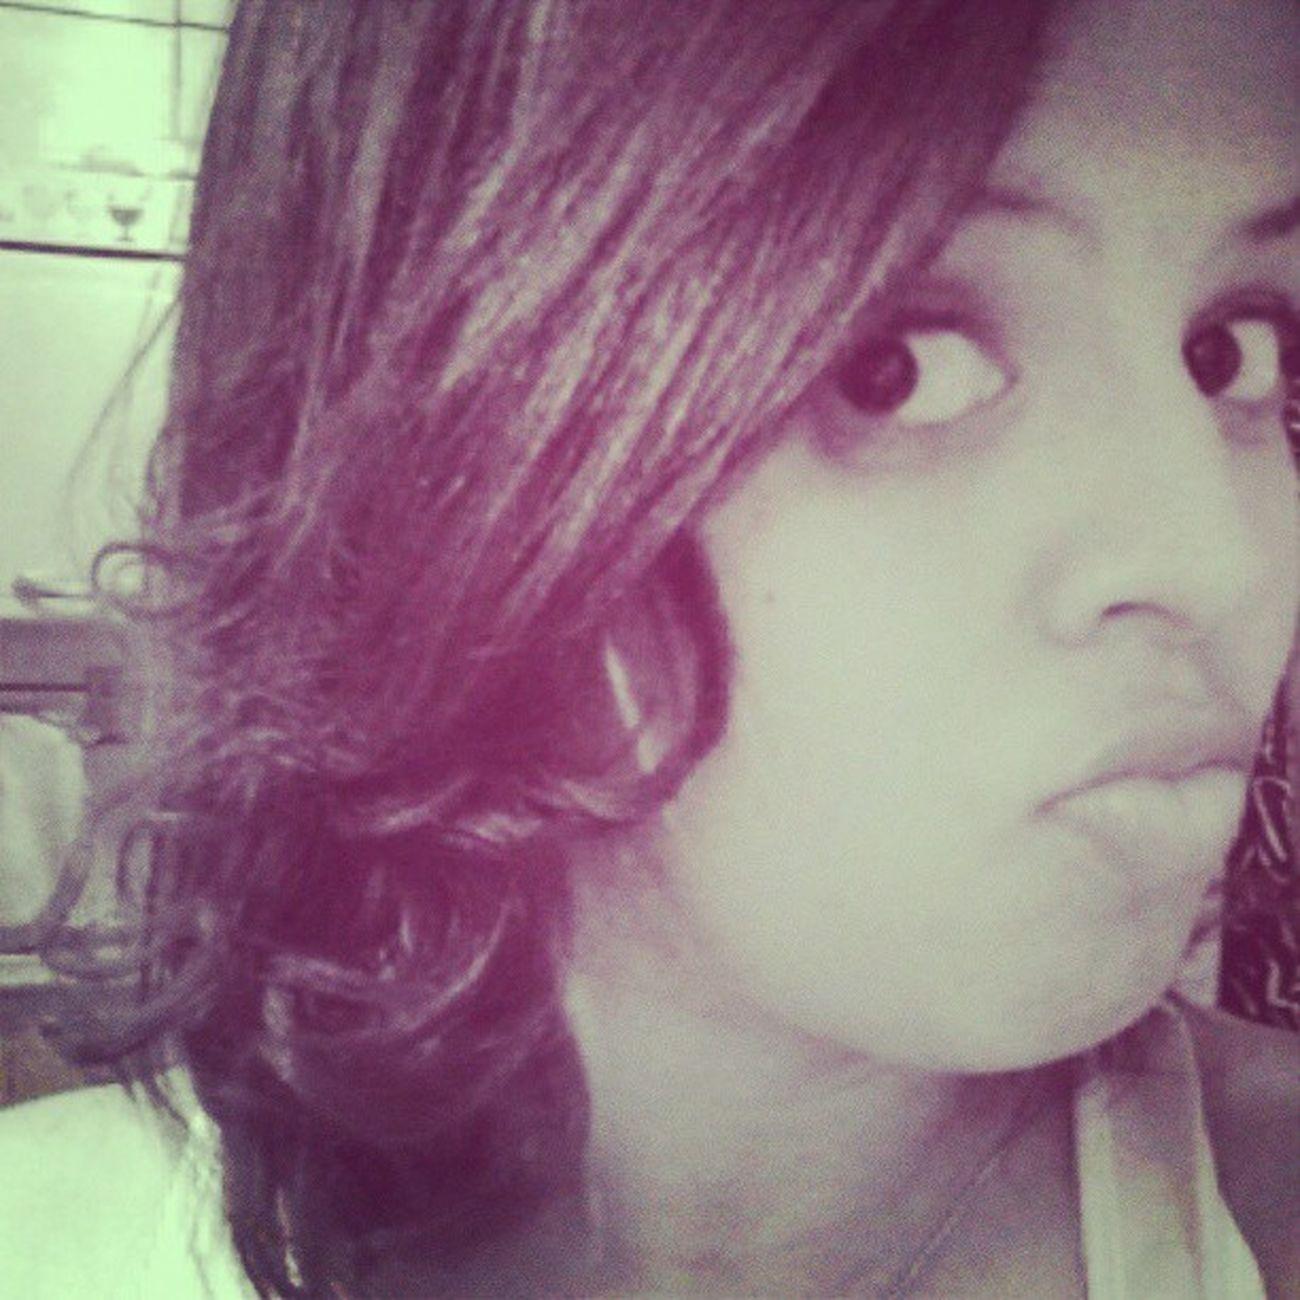 Life4life Home Hair Braziliangirl Instalife Instagood Extrememakeover Inhouse Euquefiz Escova Rio